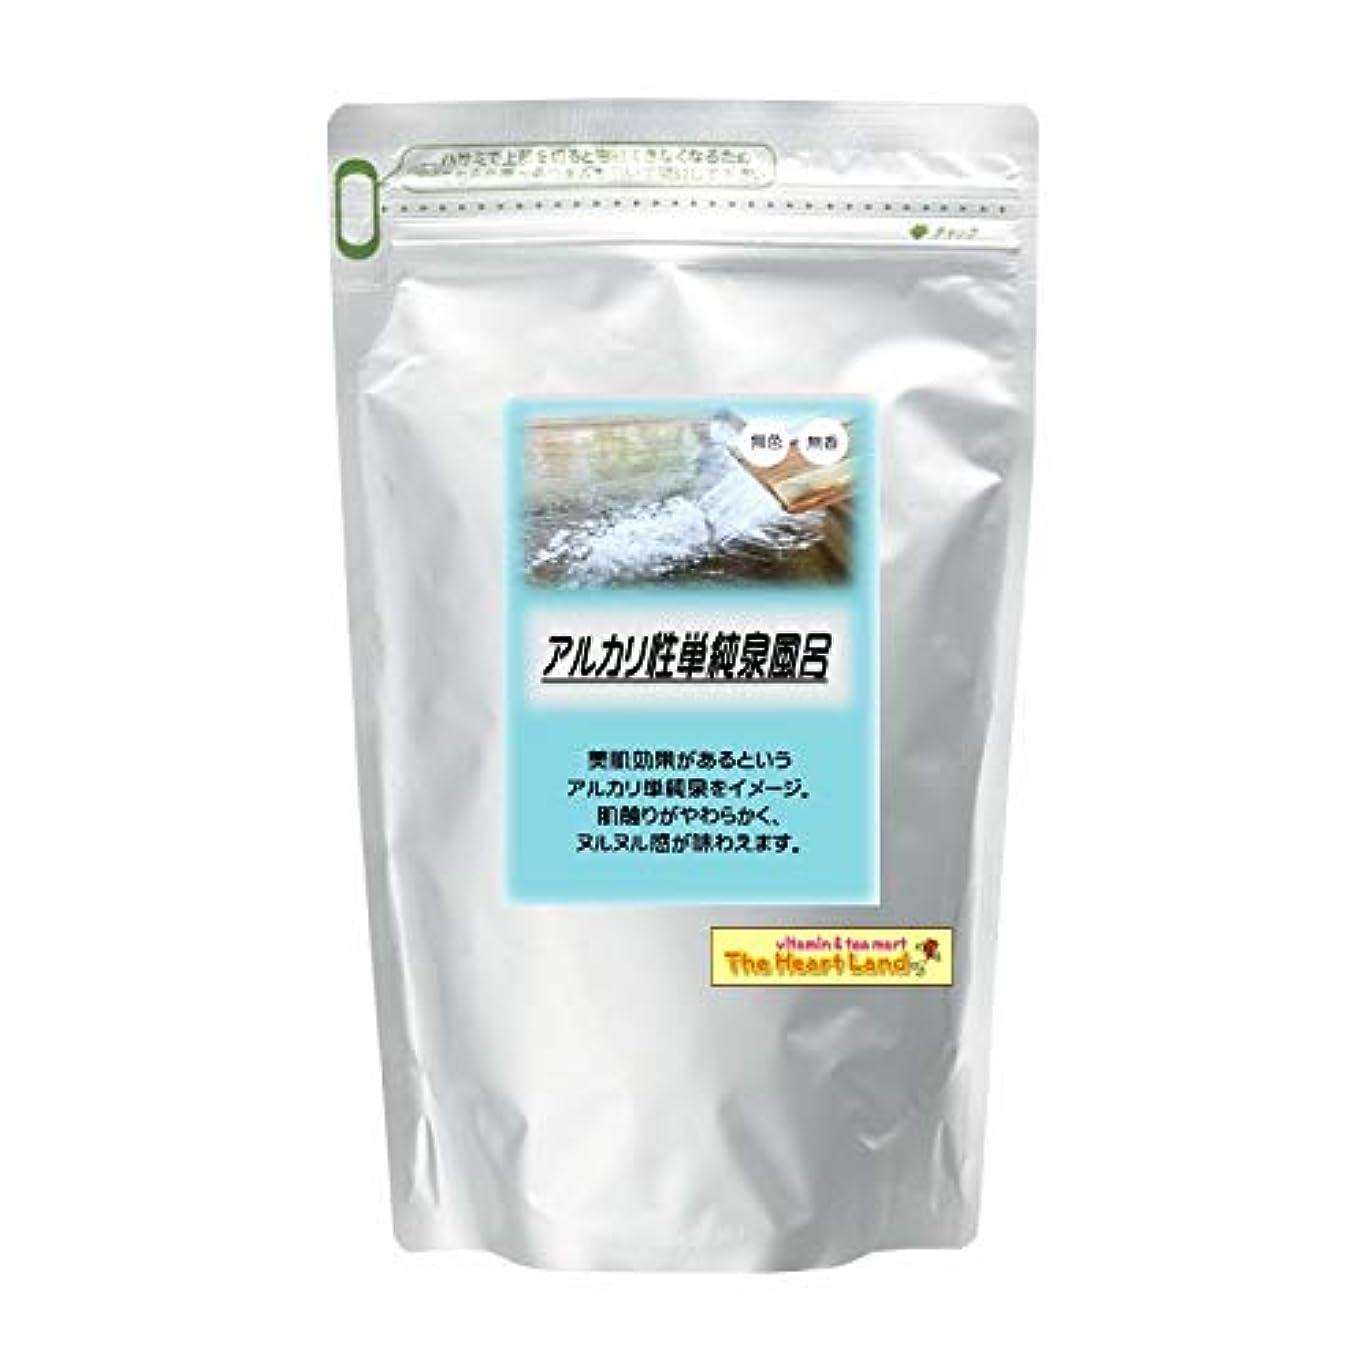 立派な知っているに立ち寄る接続詞アサヒ入浴剤 浴用入浴化粧品 アルカリ性単純泉風呂 2.5kg